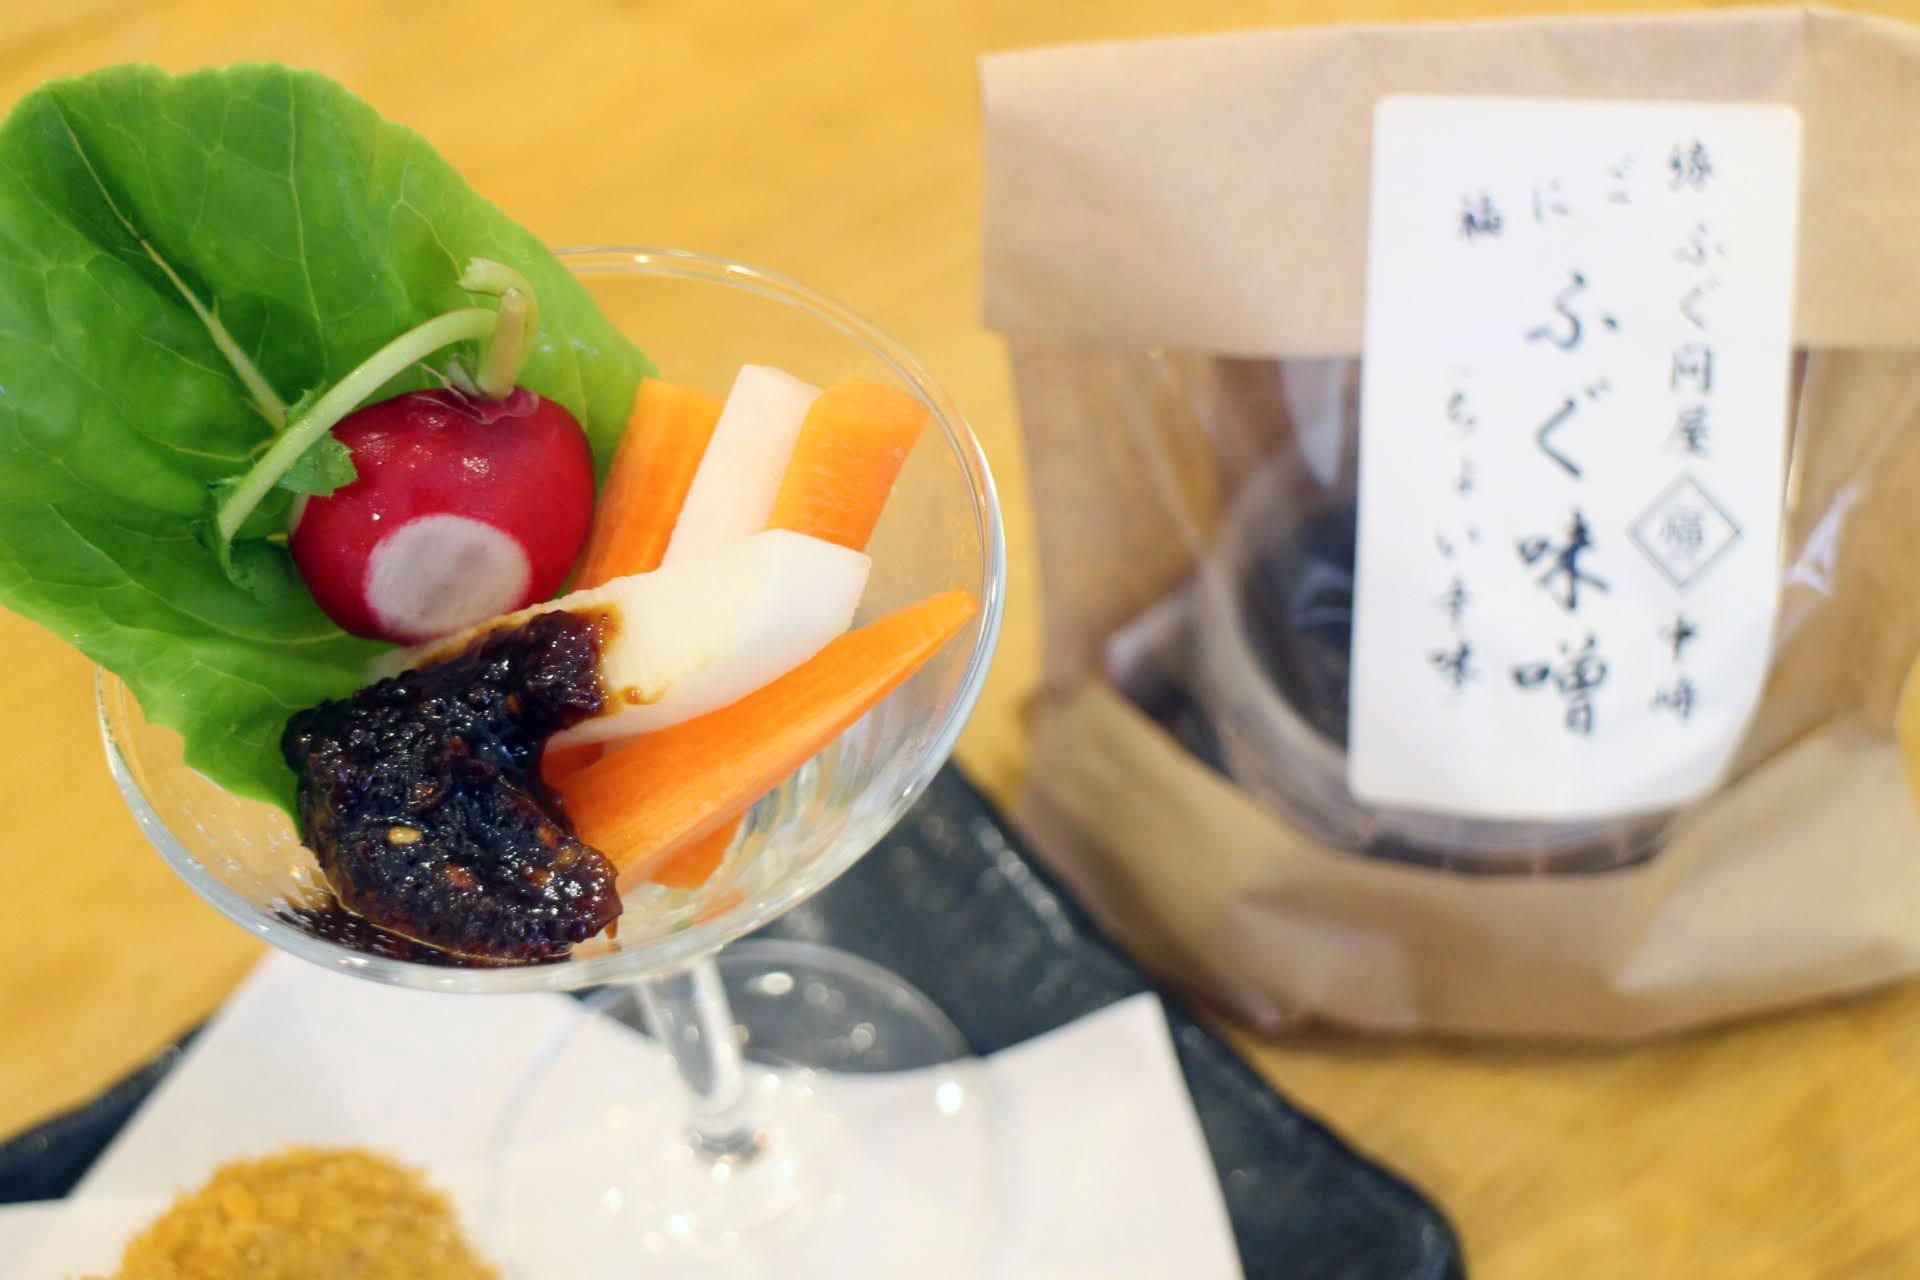 野菜スティックの付け合わせは、ふぐが練りこまれたふぐ味噌